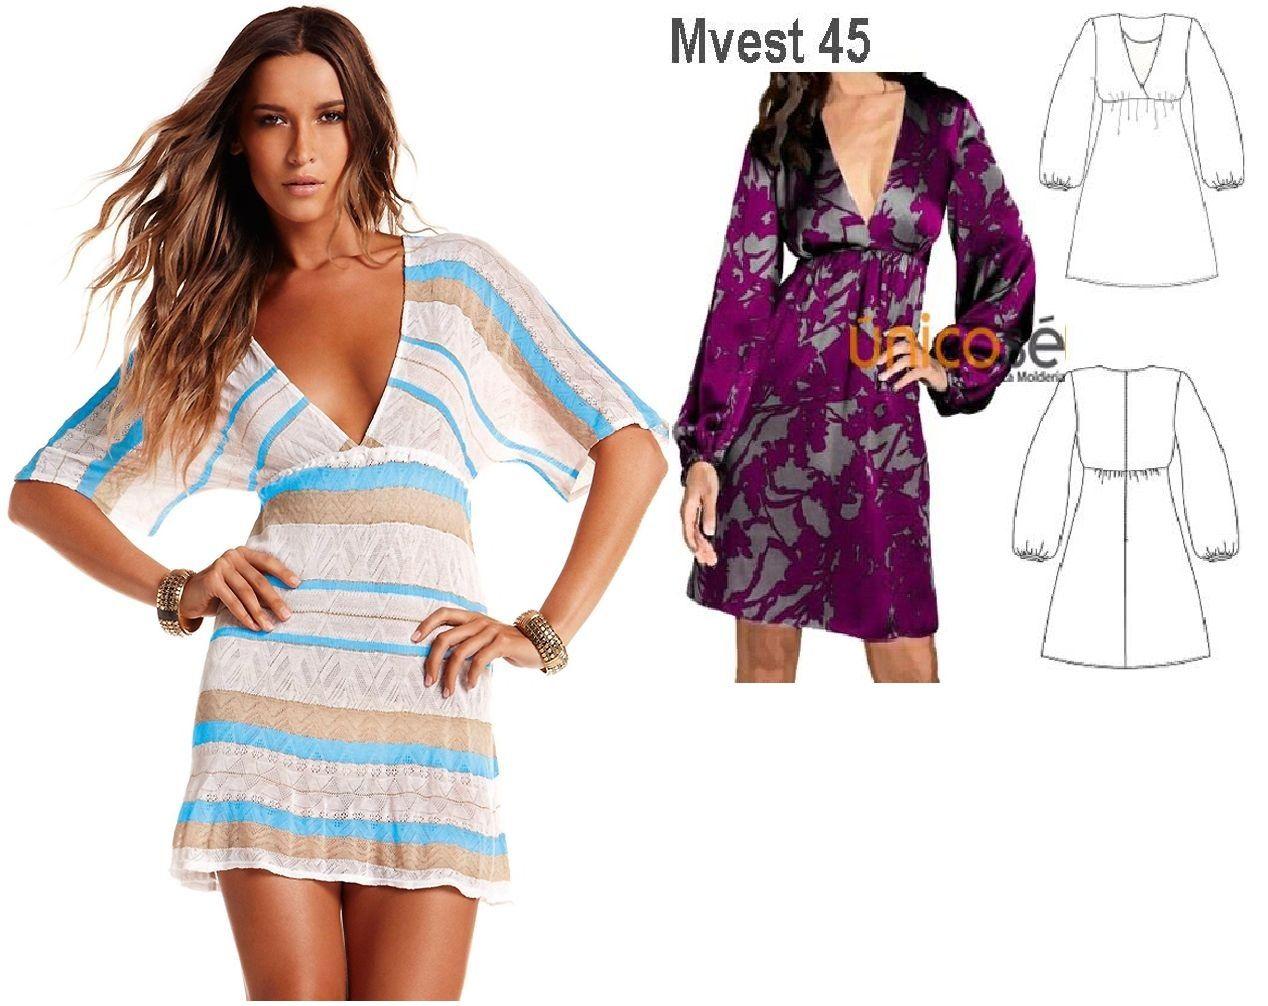 Sexy y femenino, así es este vestido que puedes usarlo con sandalias o leggins. Lo tenemos en www.unicose.net / Código 10100945